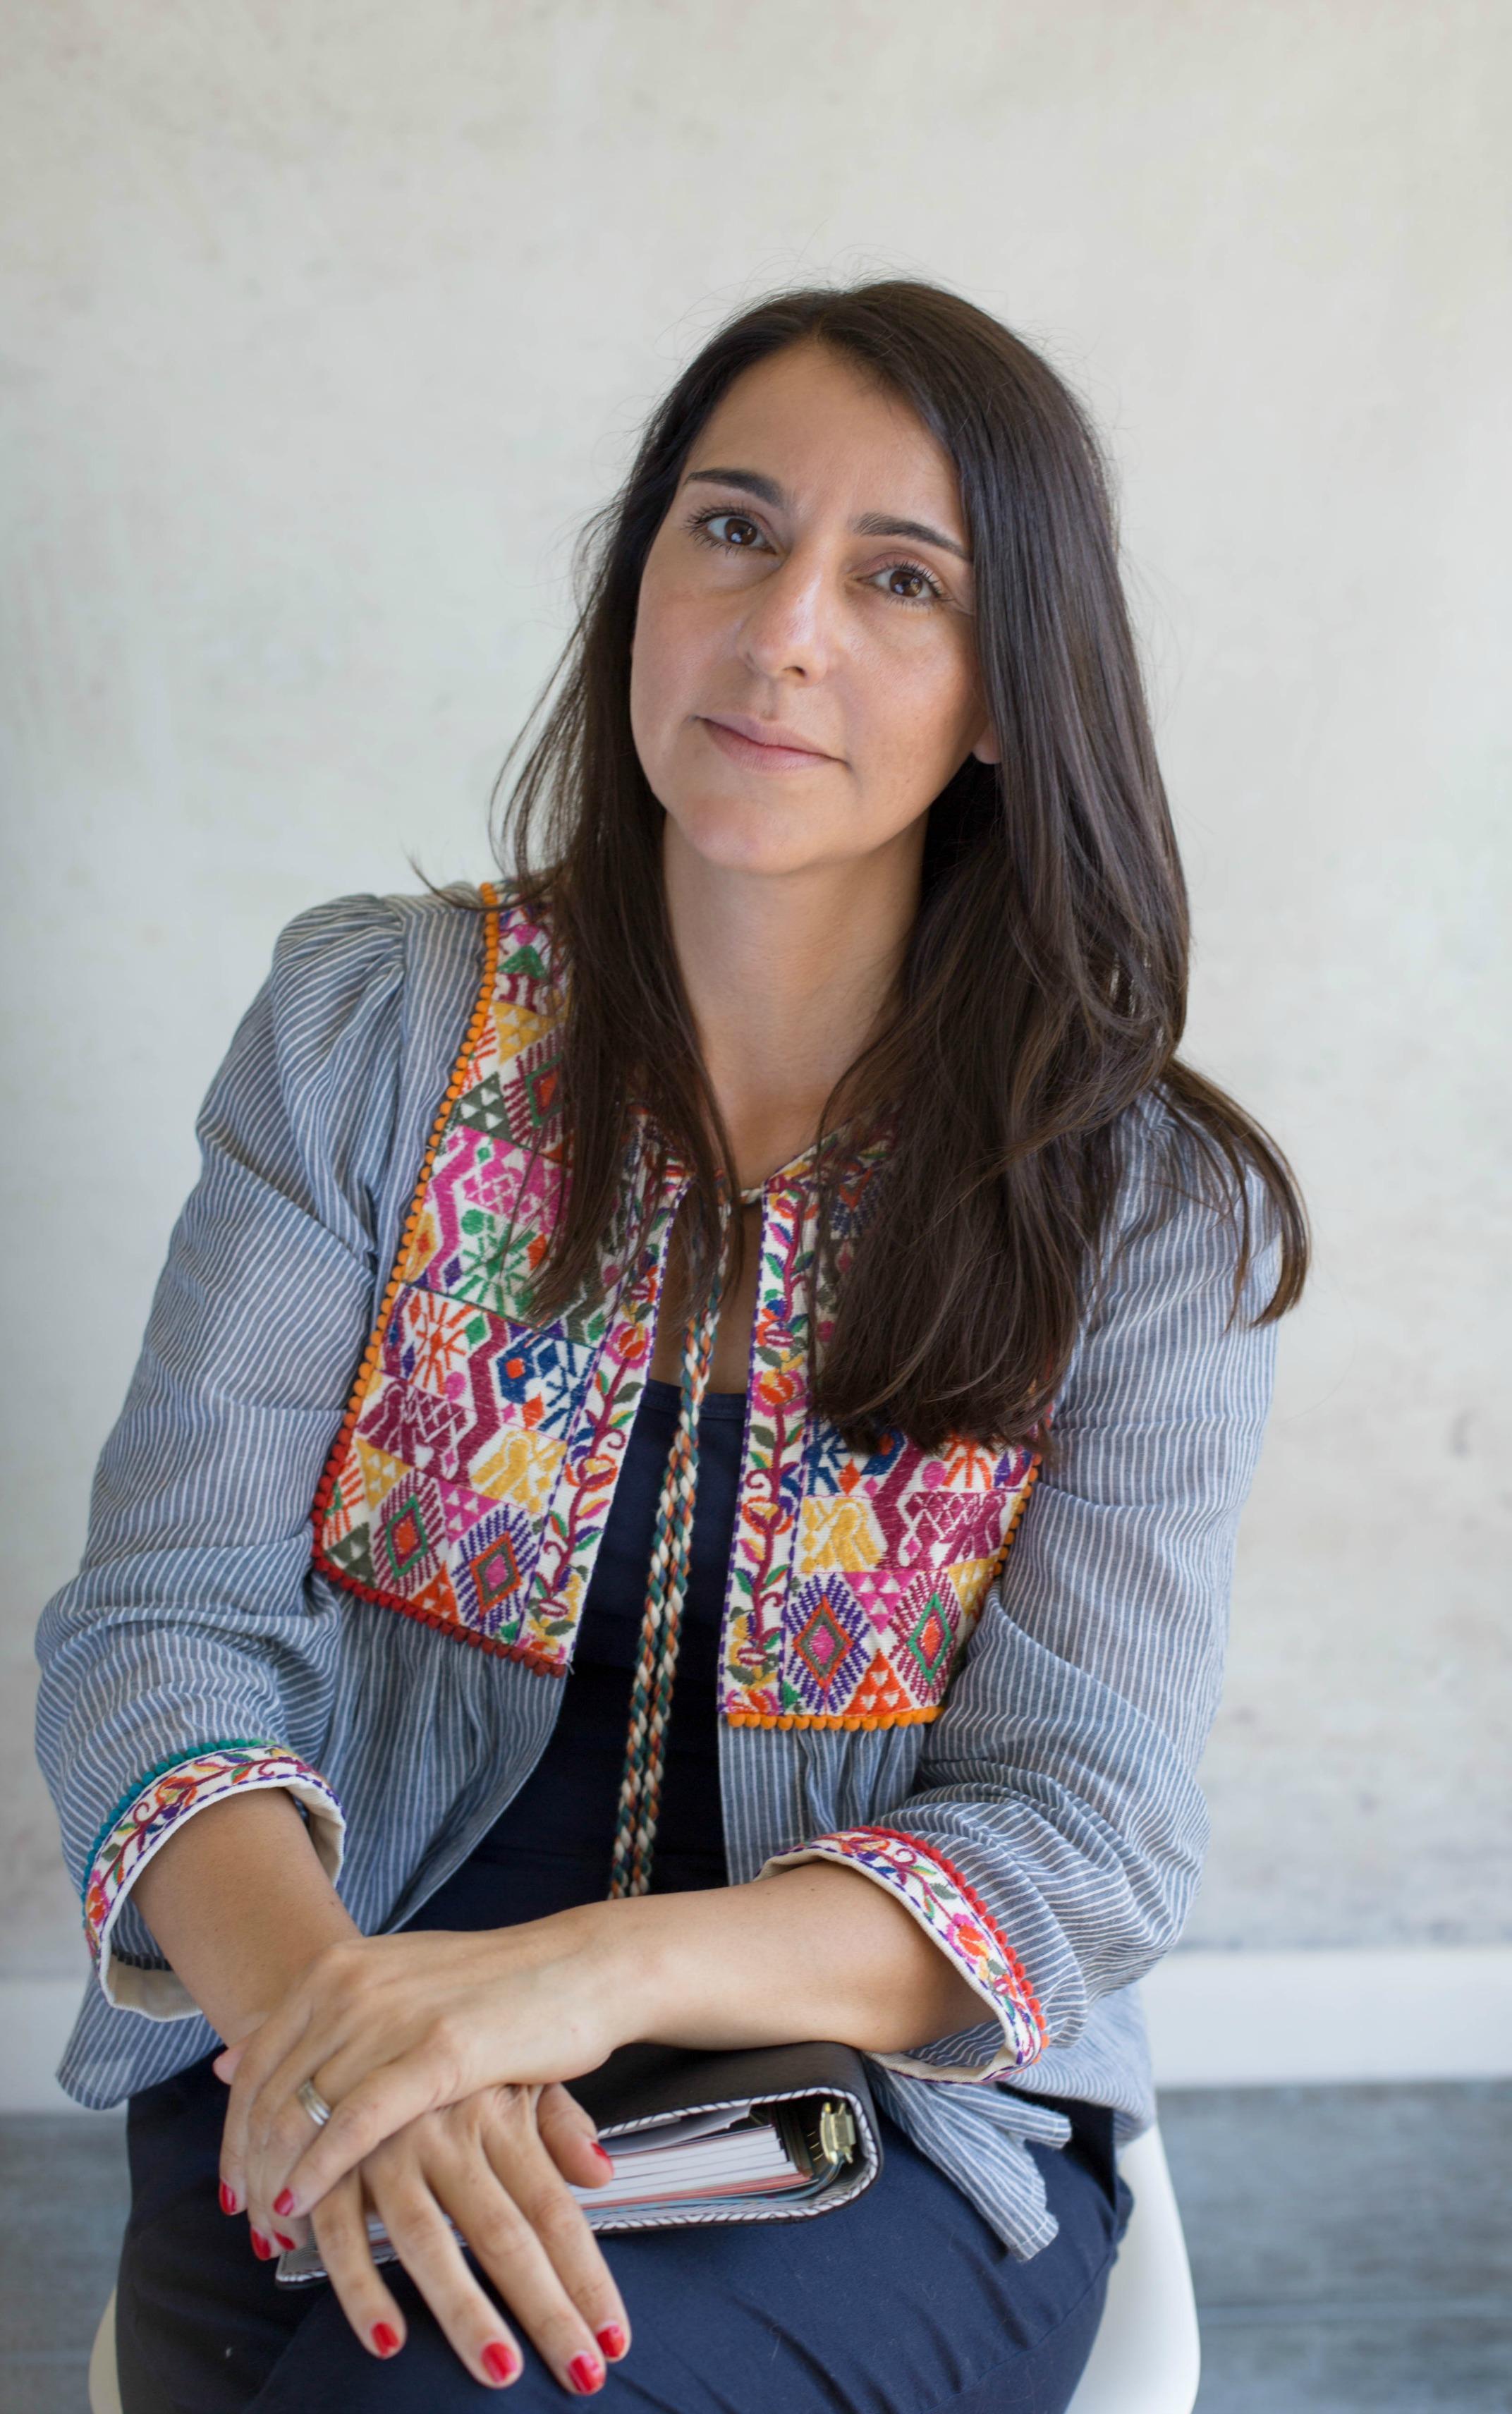 Wer ist Emma von Frühstück bei Emma - Bloggerin aus München - Leidenschaftliche Fotografin, Reisende und immer zu begeistern für Neues